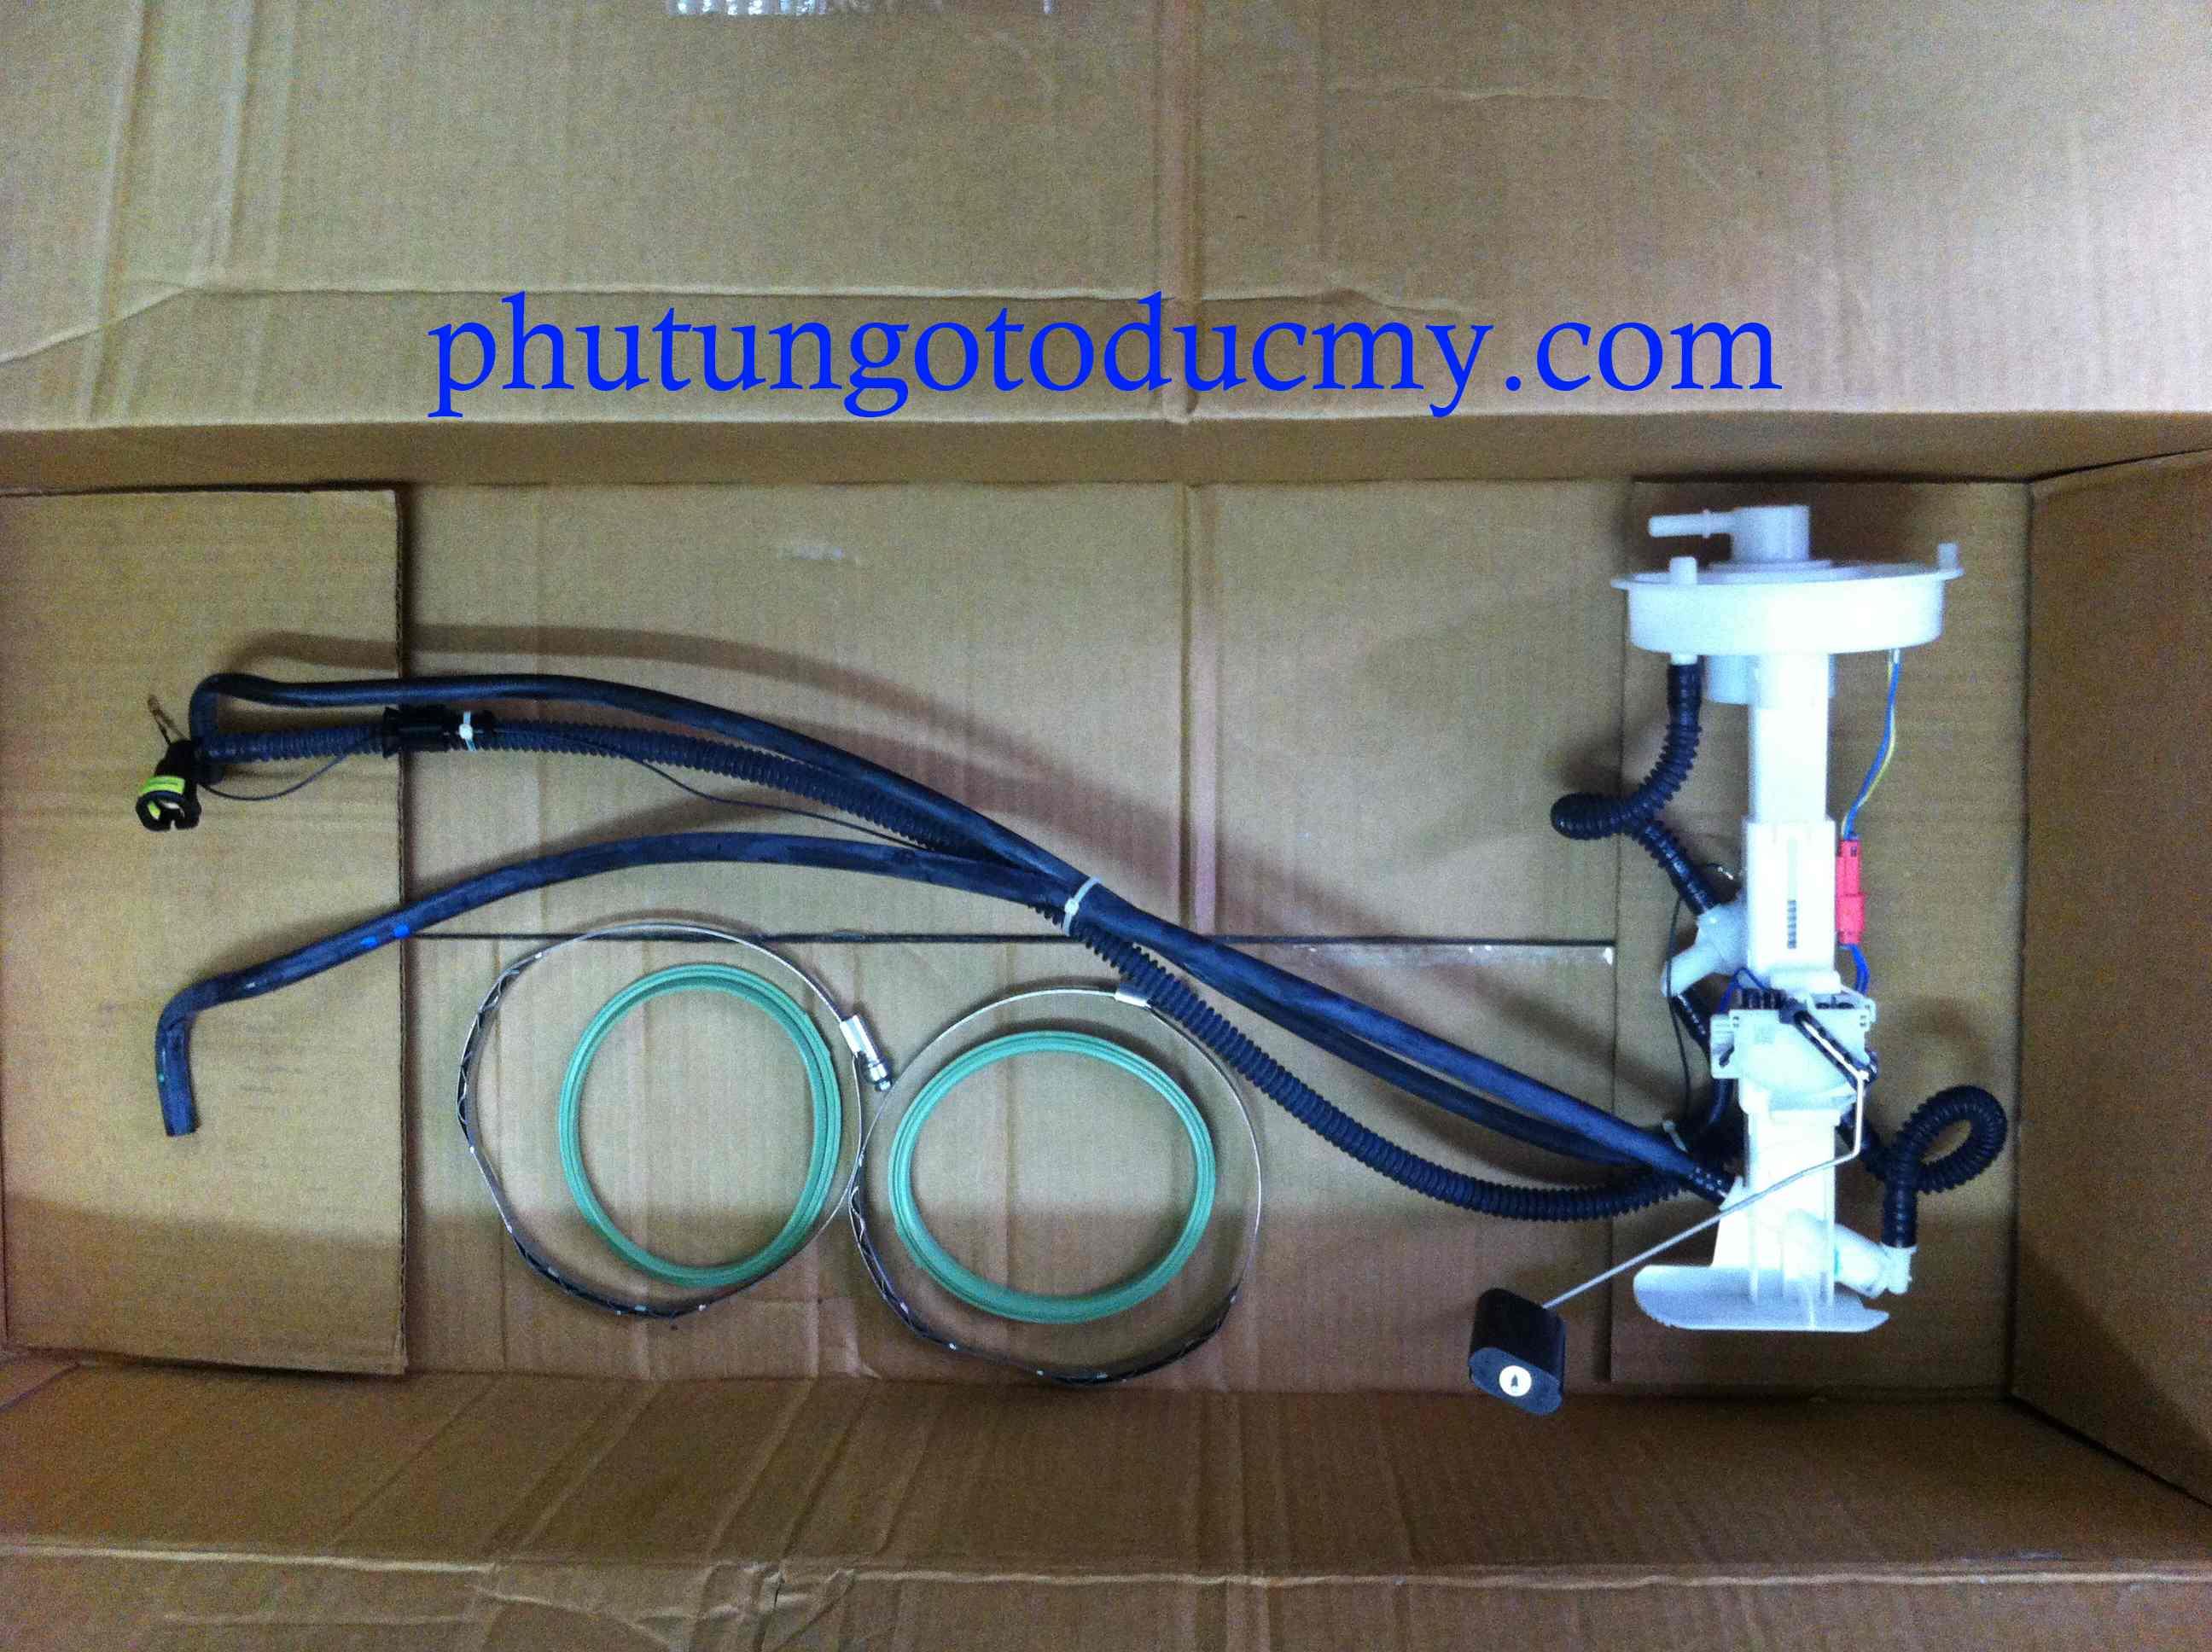 Phao xăng Bmw X5 4.8i E70 - 16117195470